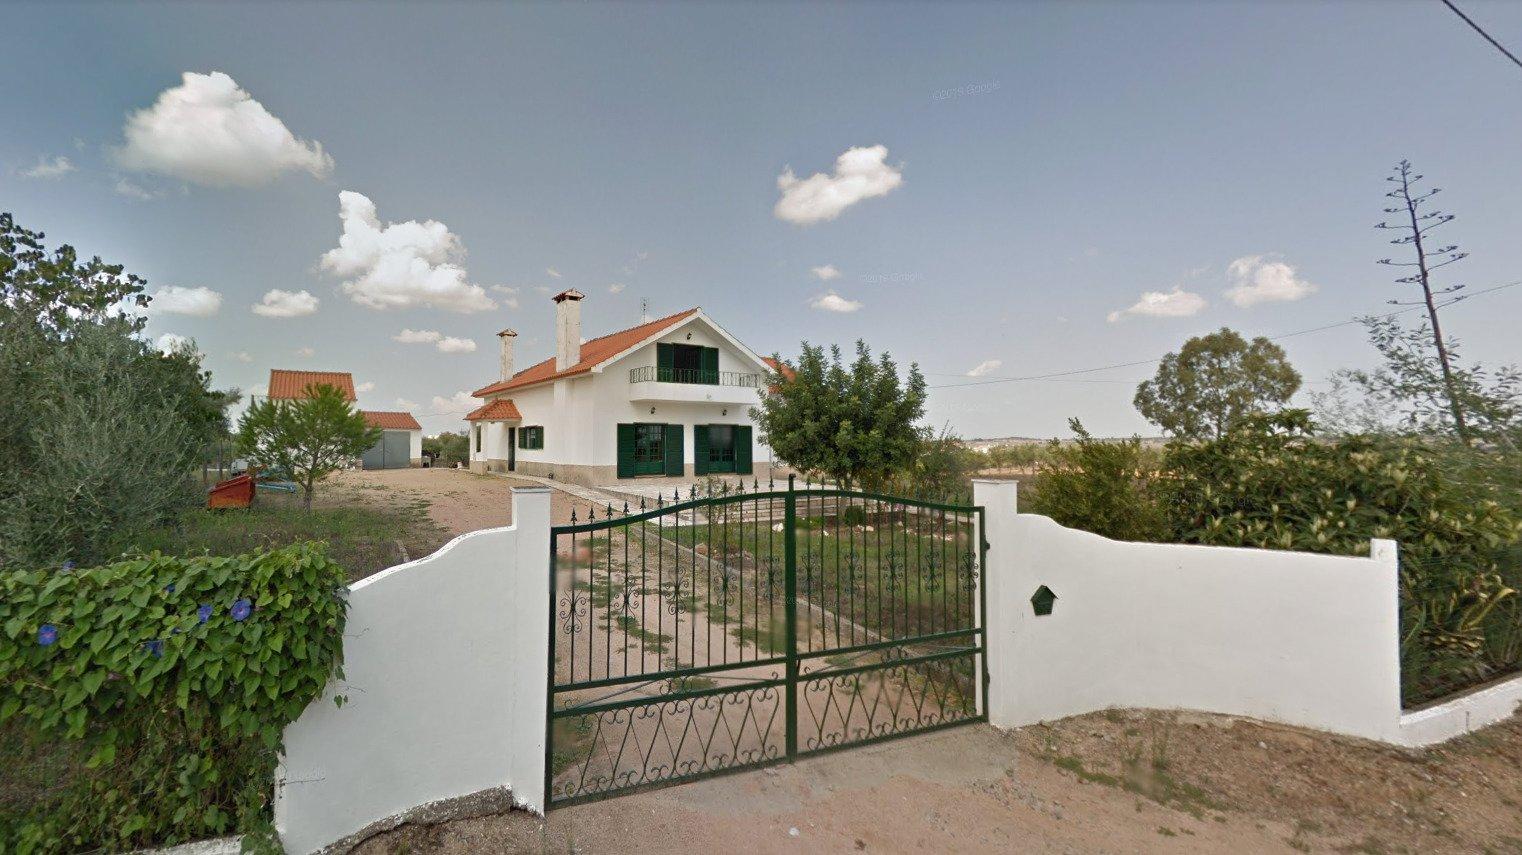 4 Bedroom House Santo Aleixo, Alentejo Ref: ASV160